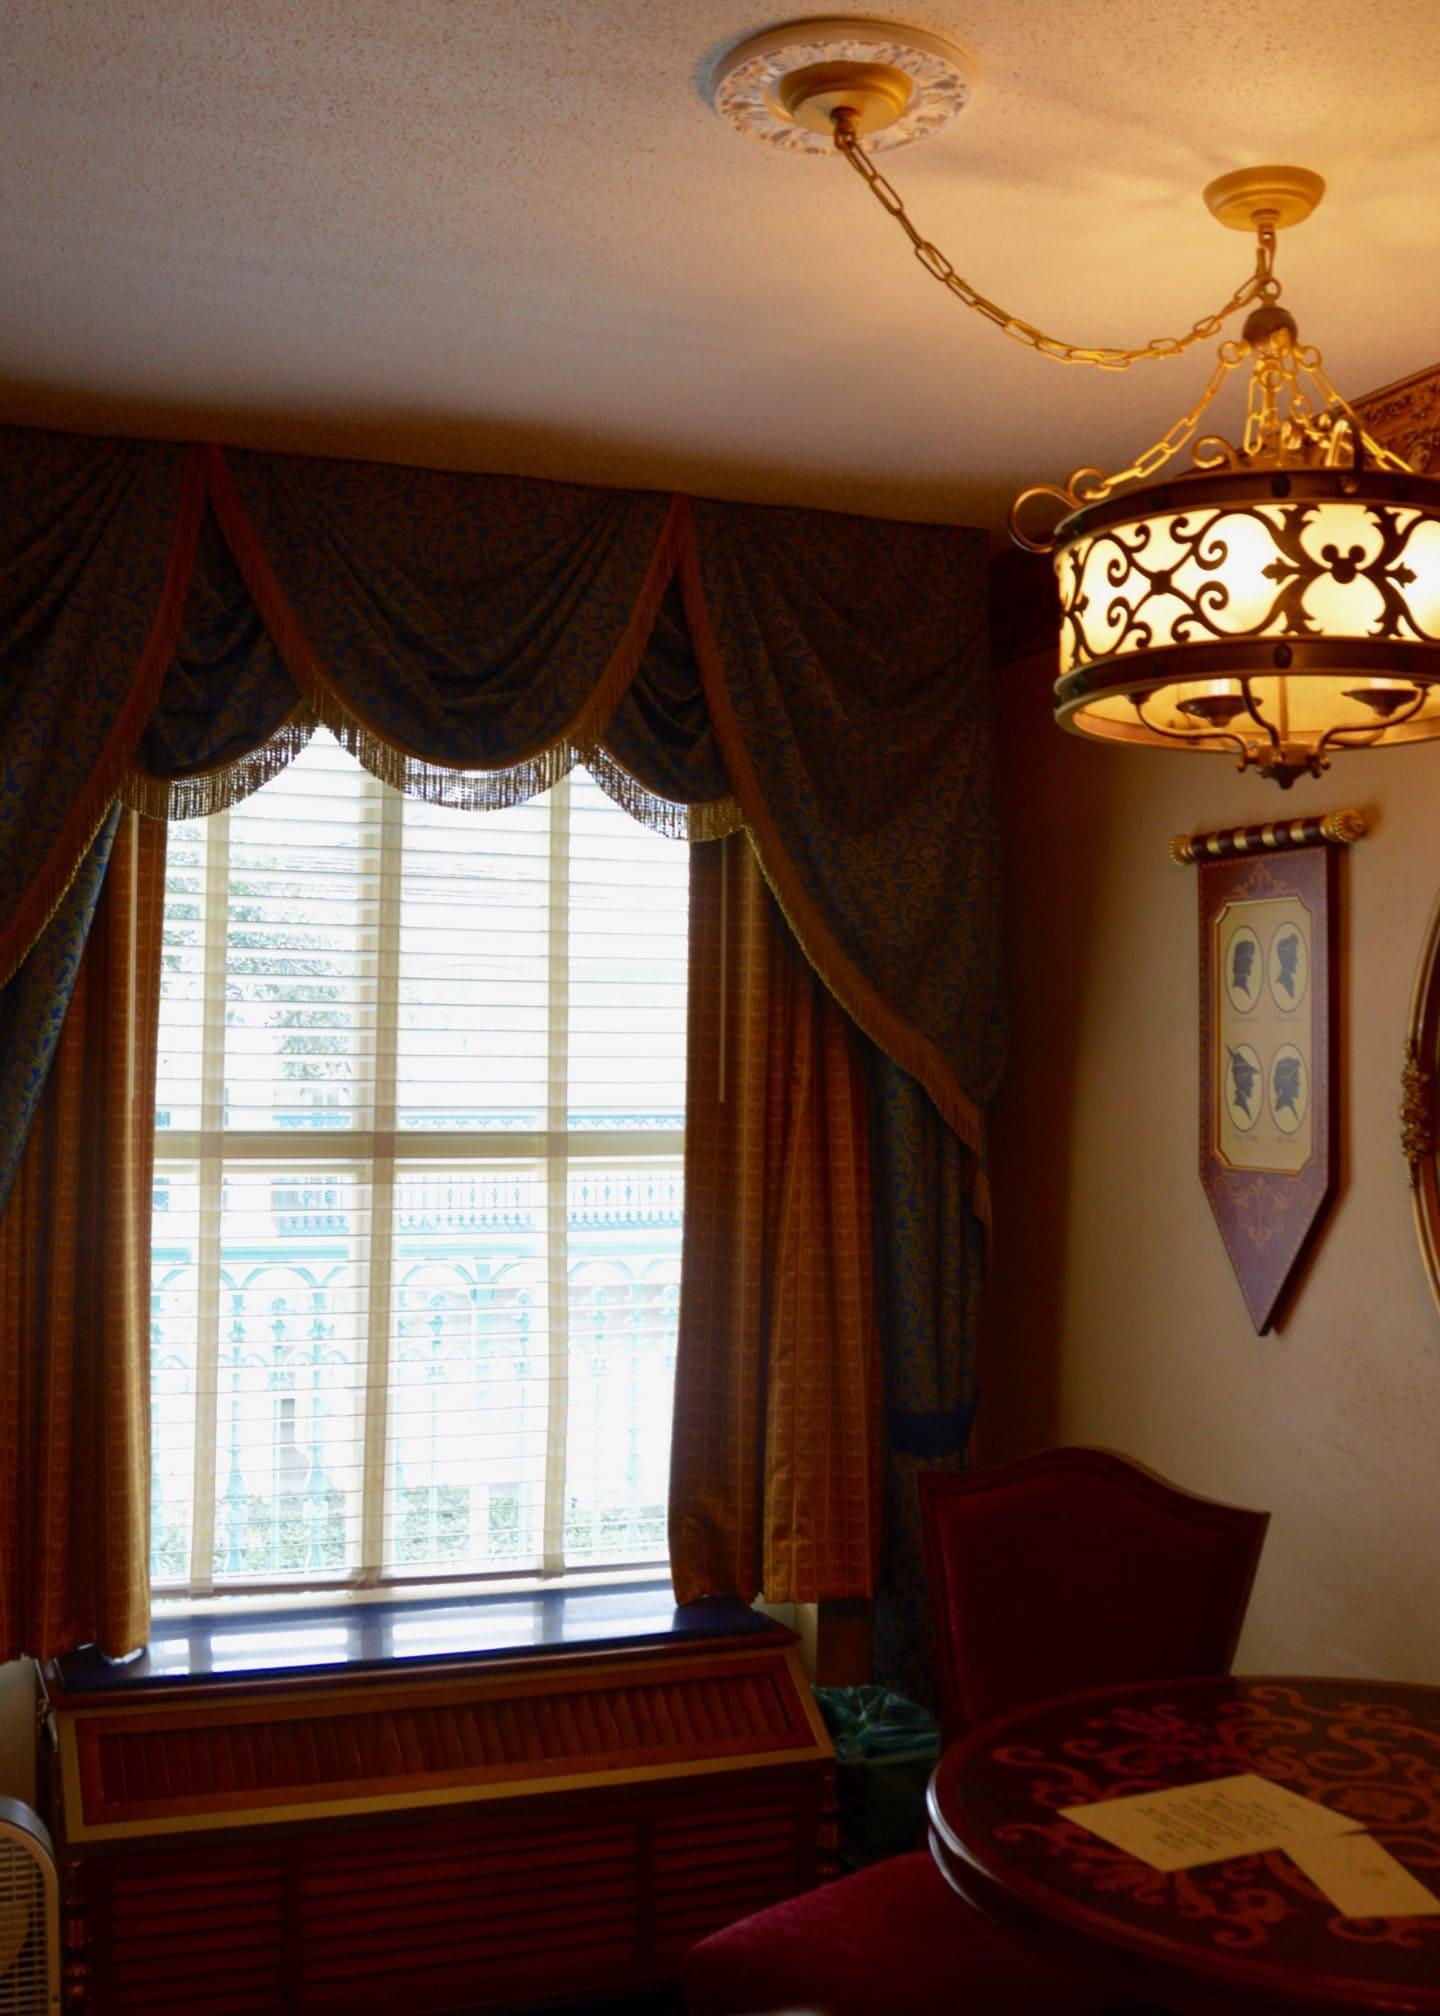 royal guest room at Disney's port orleans riverside